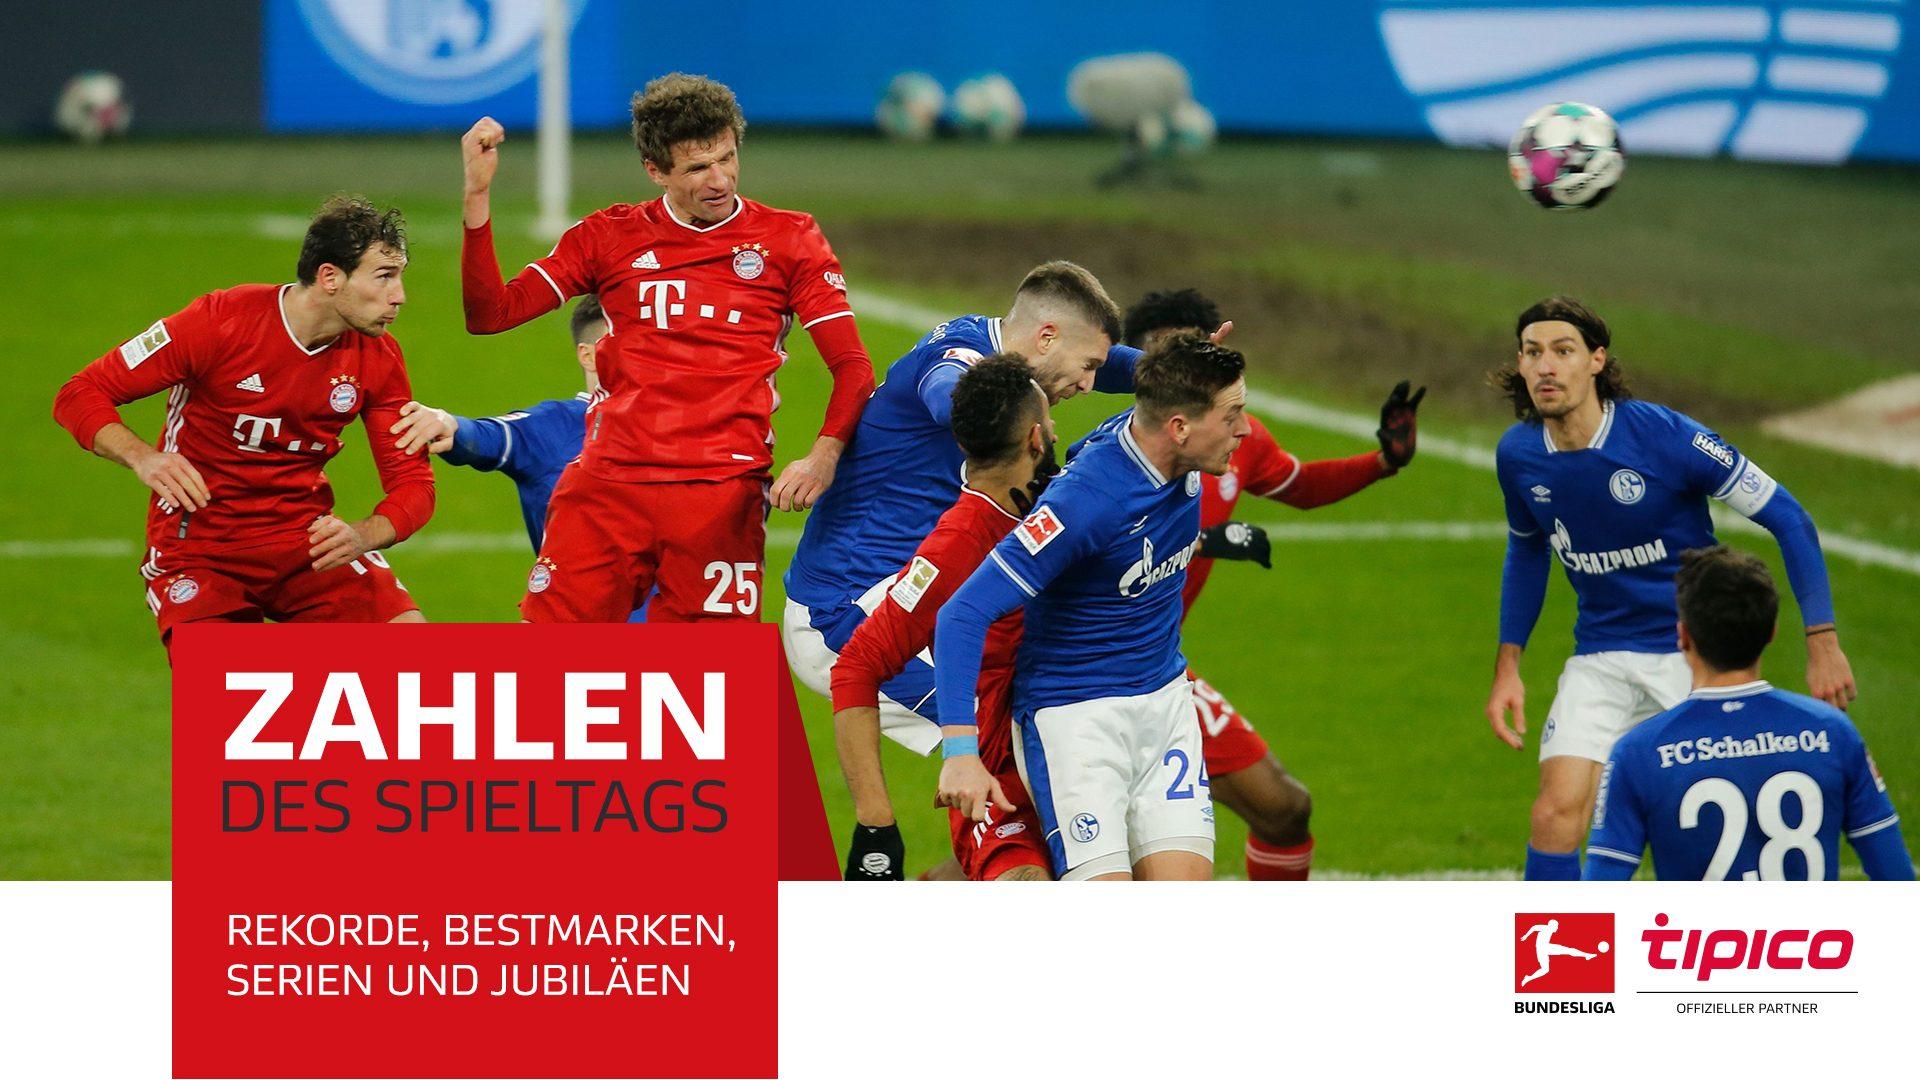 Torschützenliste Bundesliga